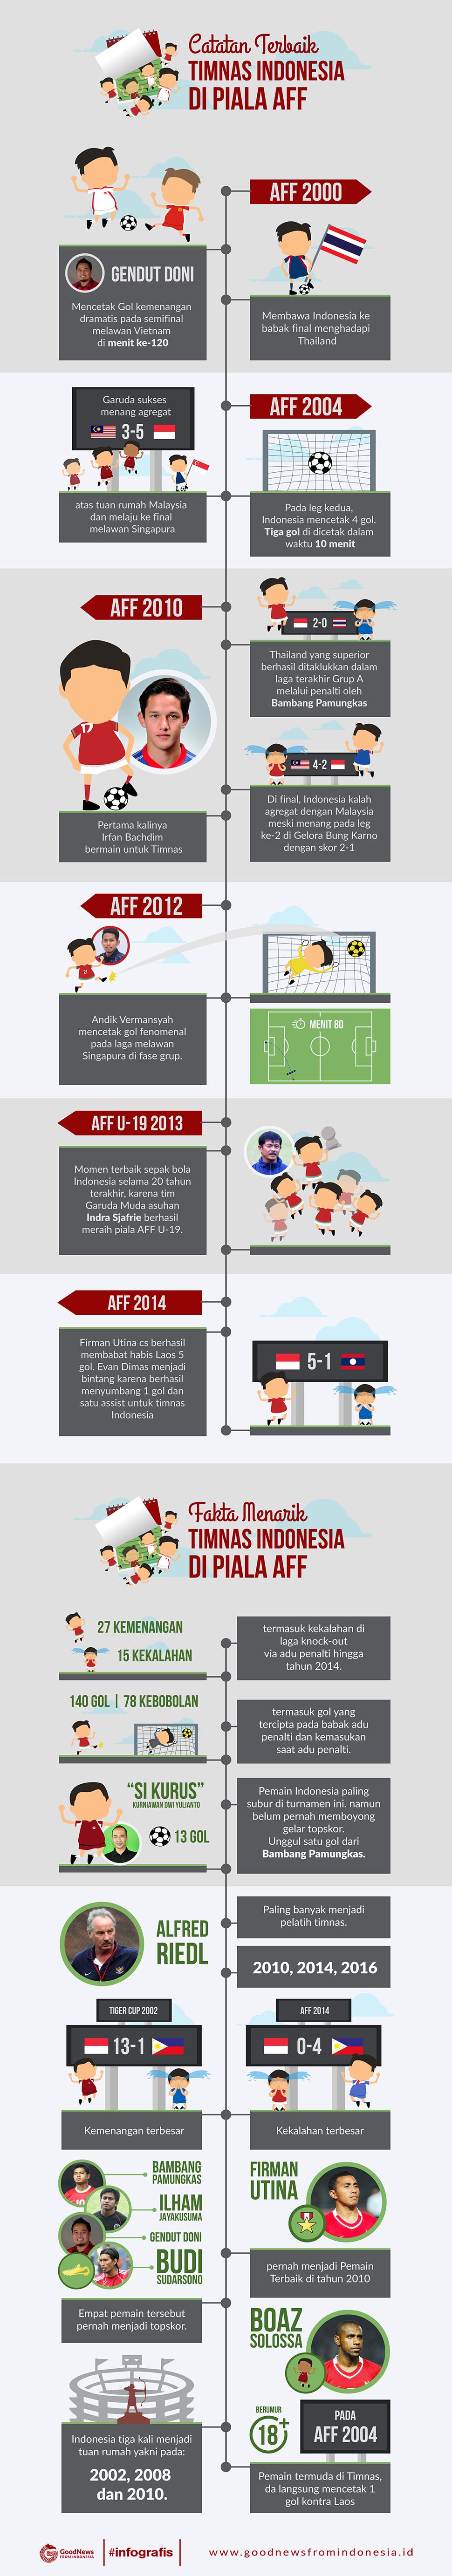 Catatan Terbaik Timnas Indonesia Di Piala AFF